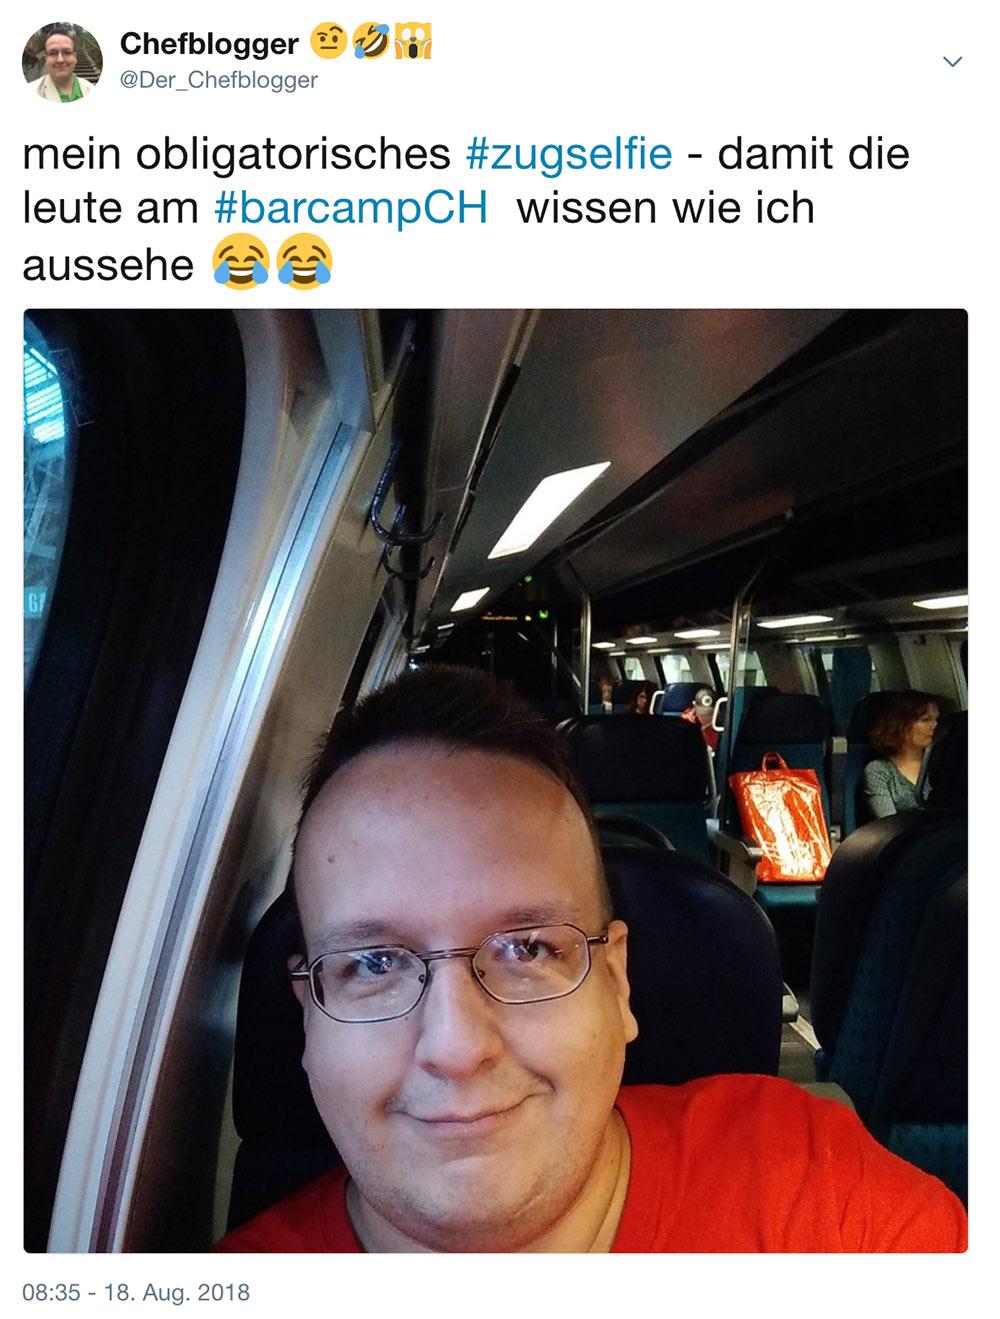 barcamp schweiz 2018 barcampch 2 - Barcamp Schweiz 2018 - Mein Rückblick